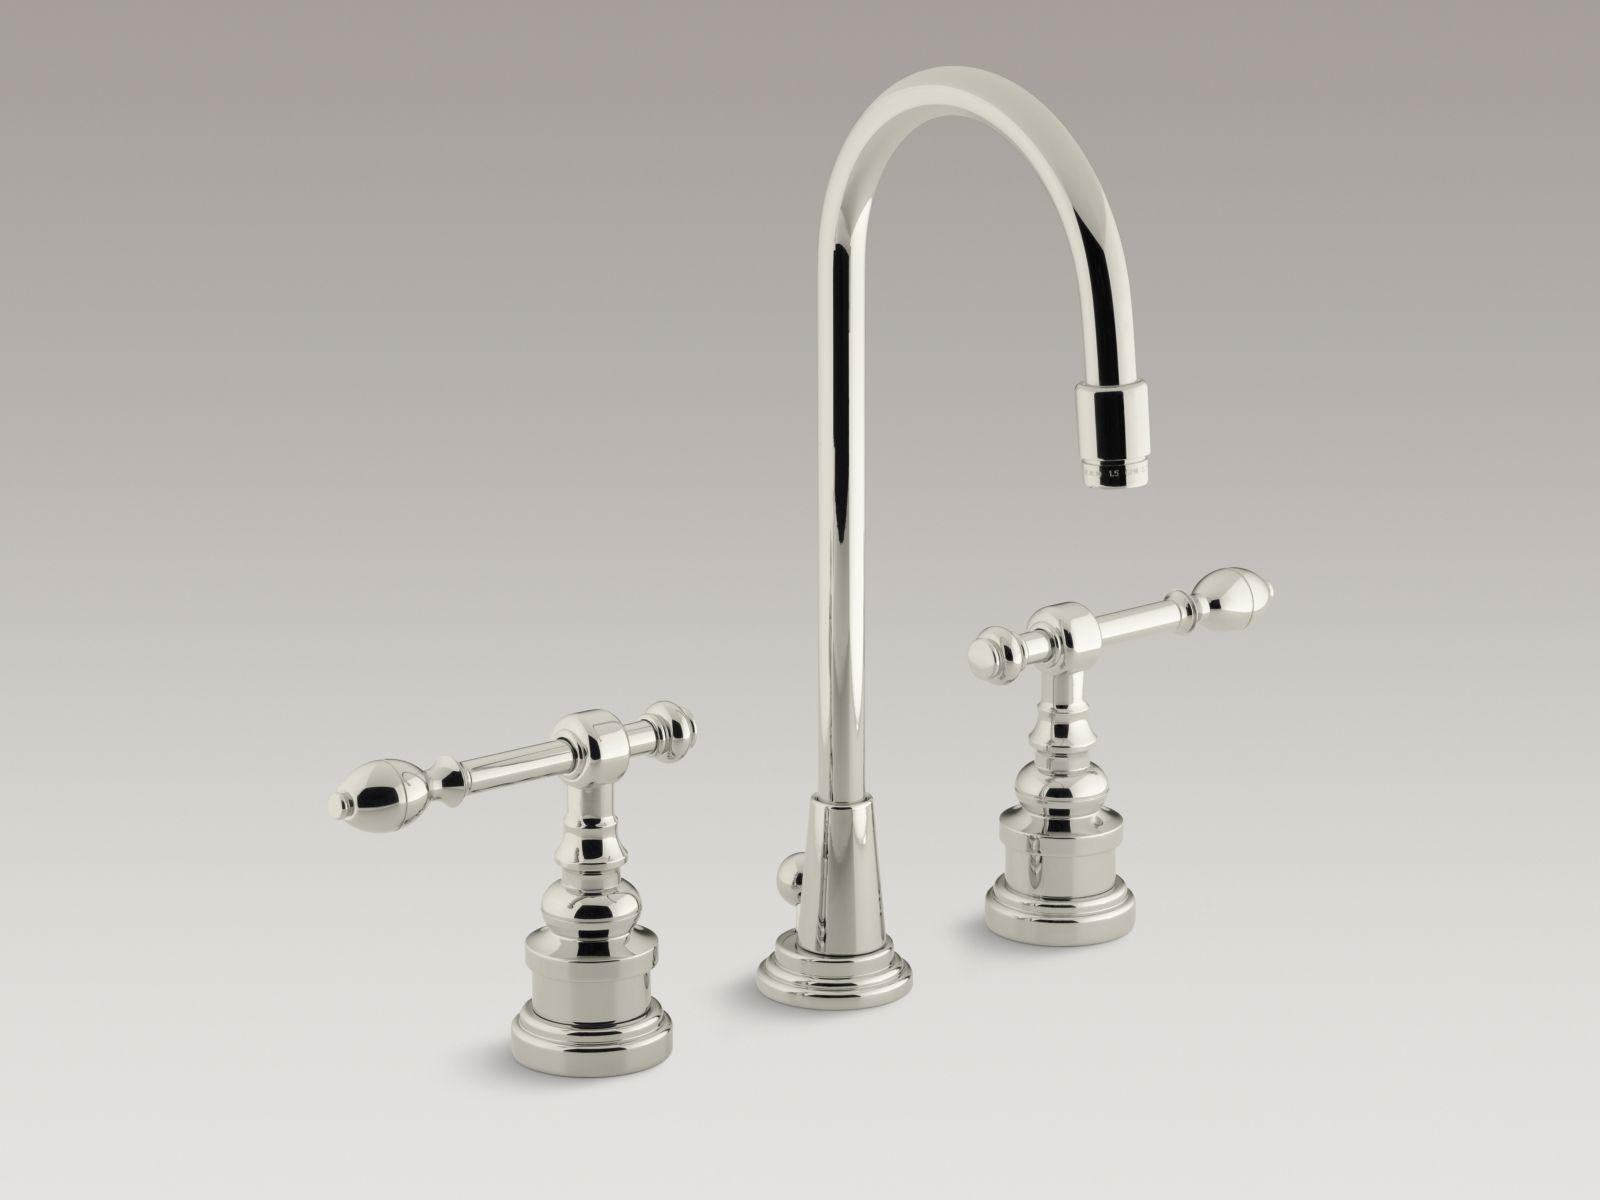 AuBergewohnlich Kohler K 6813 4 SN IV Georges Brass Widespread Bathrom Sink Faucet With · Waschbecken  ArmaturenBadezimmer AmaturenMessinghahnHaus ...